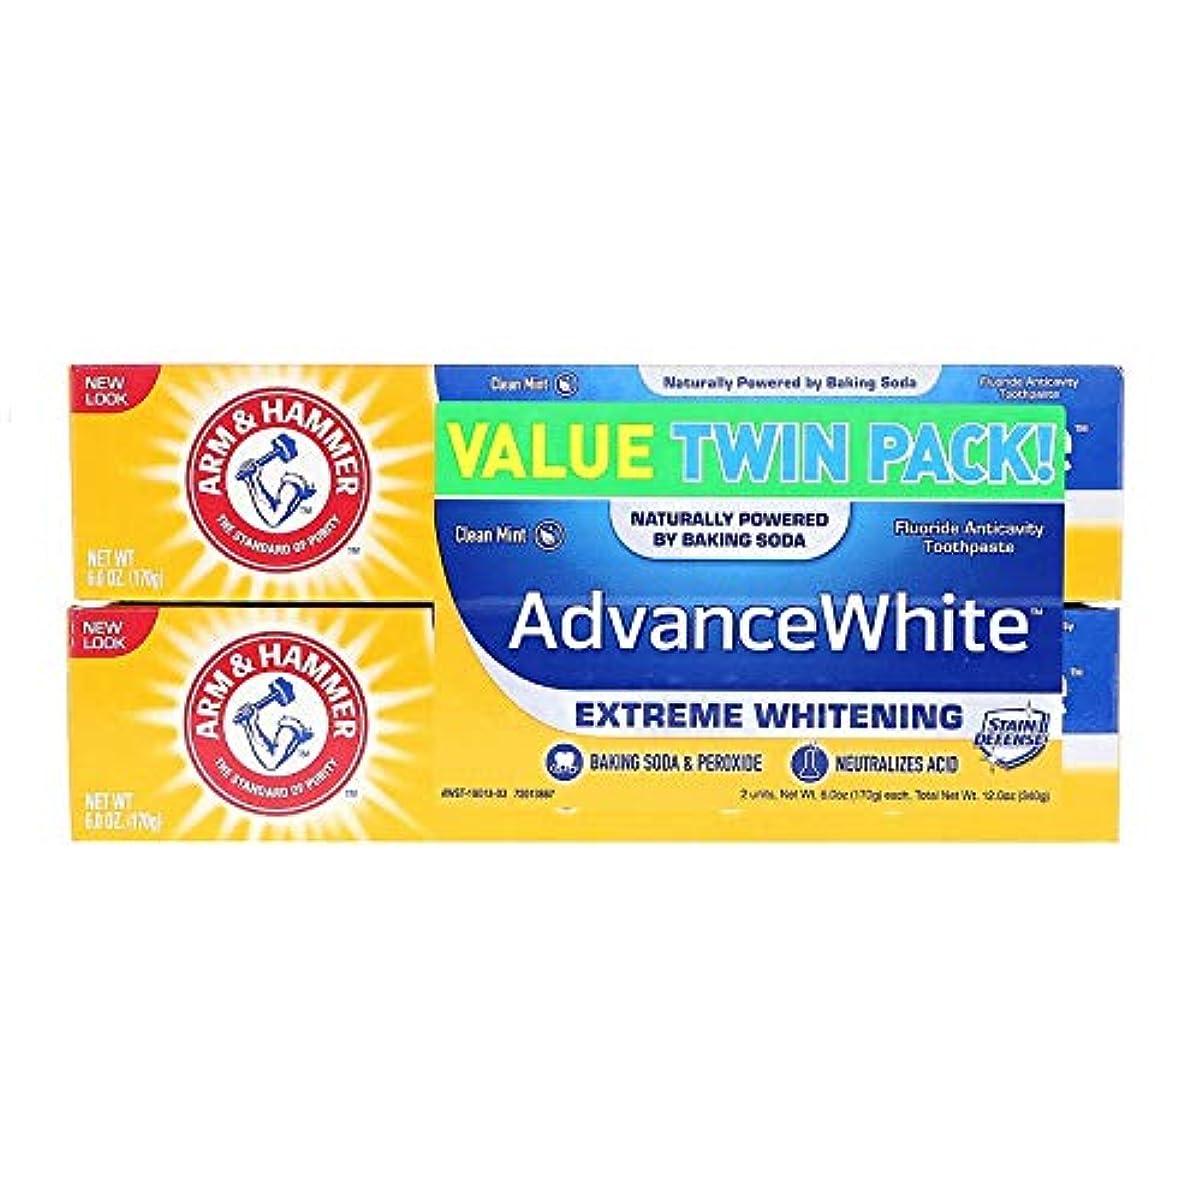 ステージ怖い必要性Arm & Hammer アーム&ハマー アドバンス ホワイト 歯磨き粉 6個パック Toothpaste with Baking Soda & Peroxide